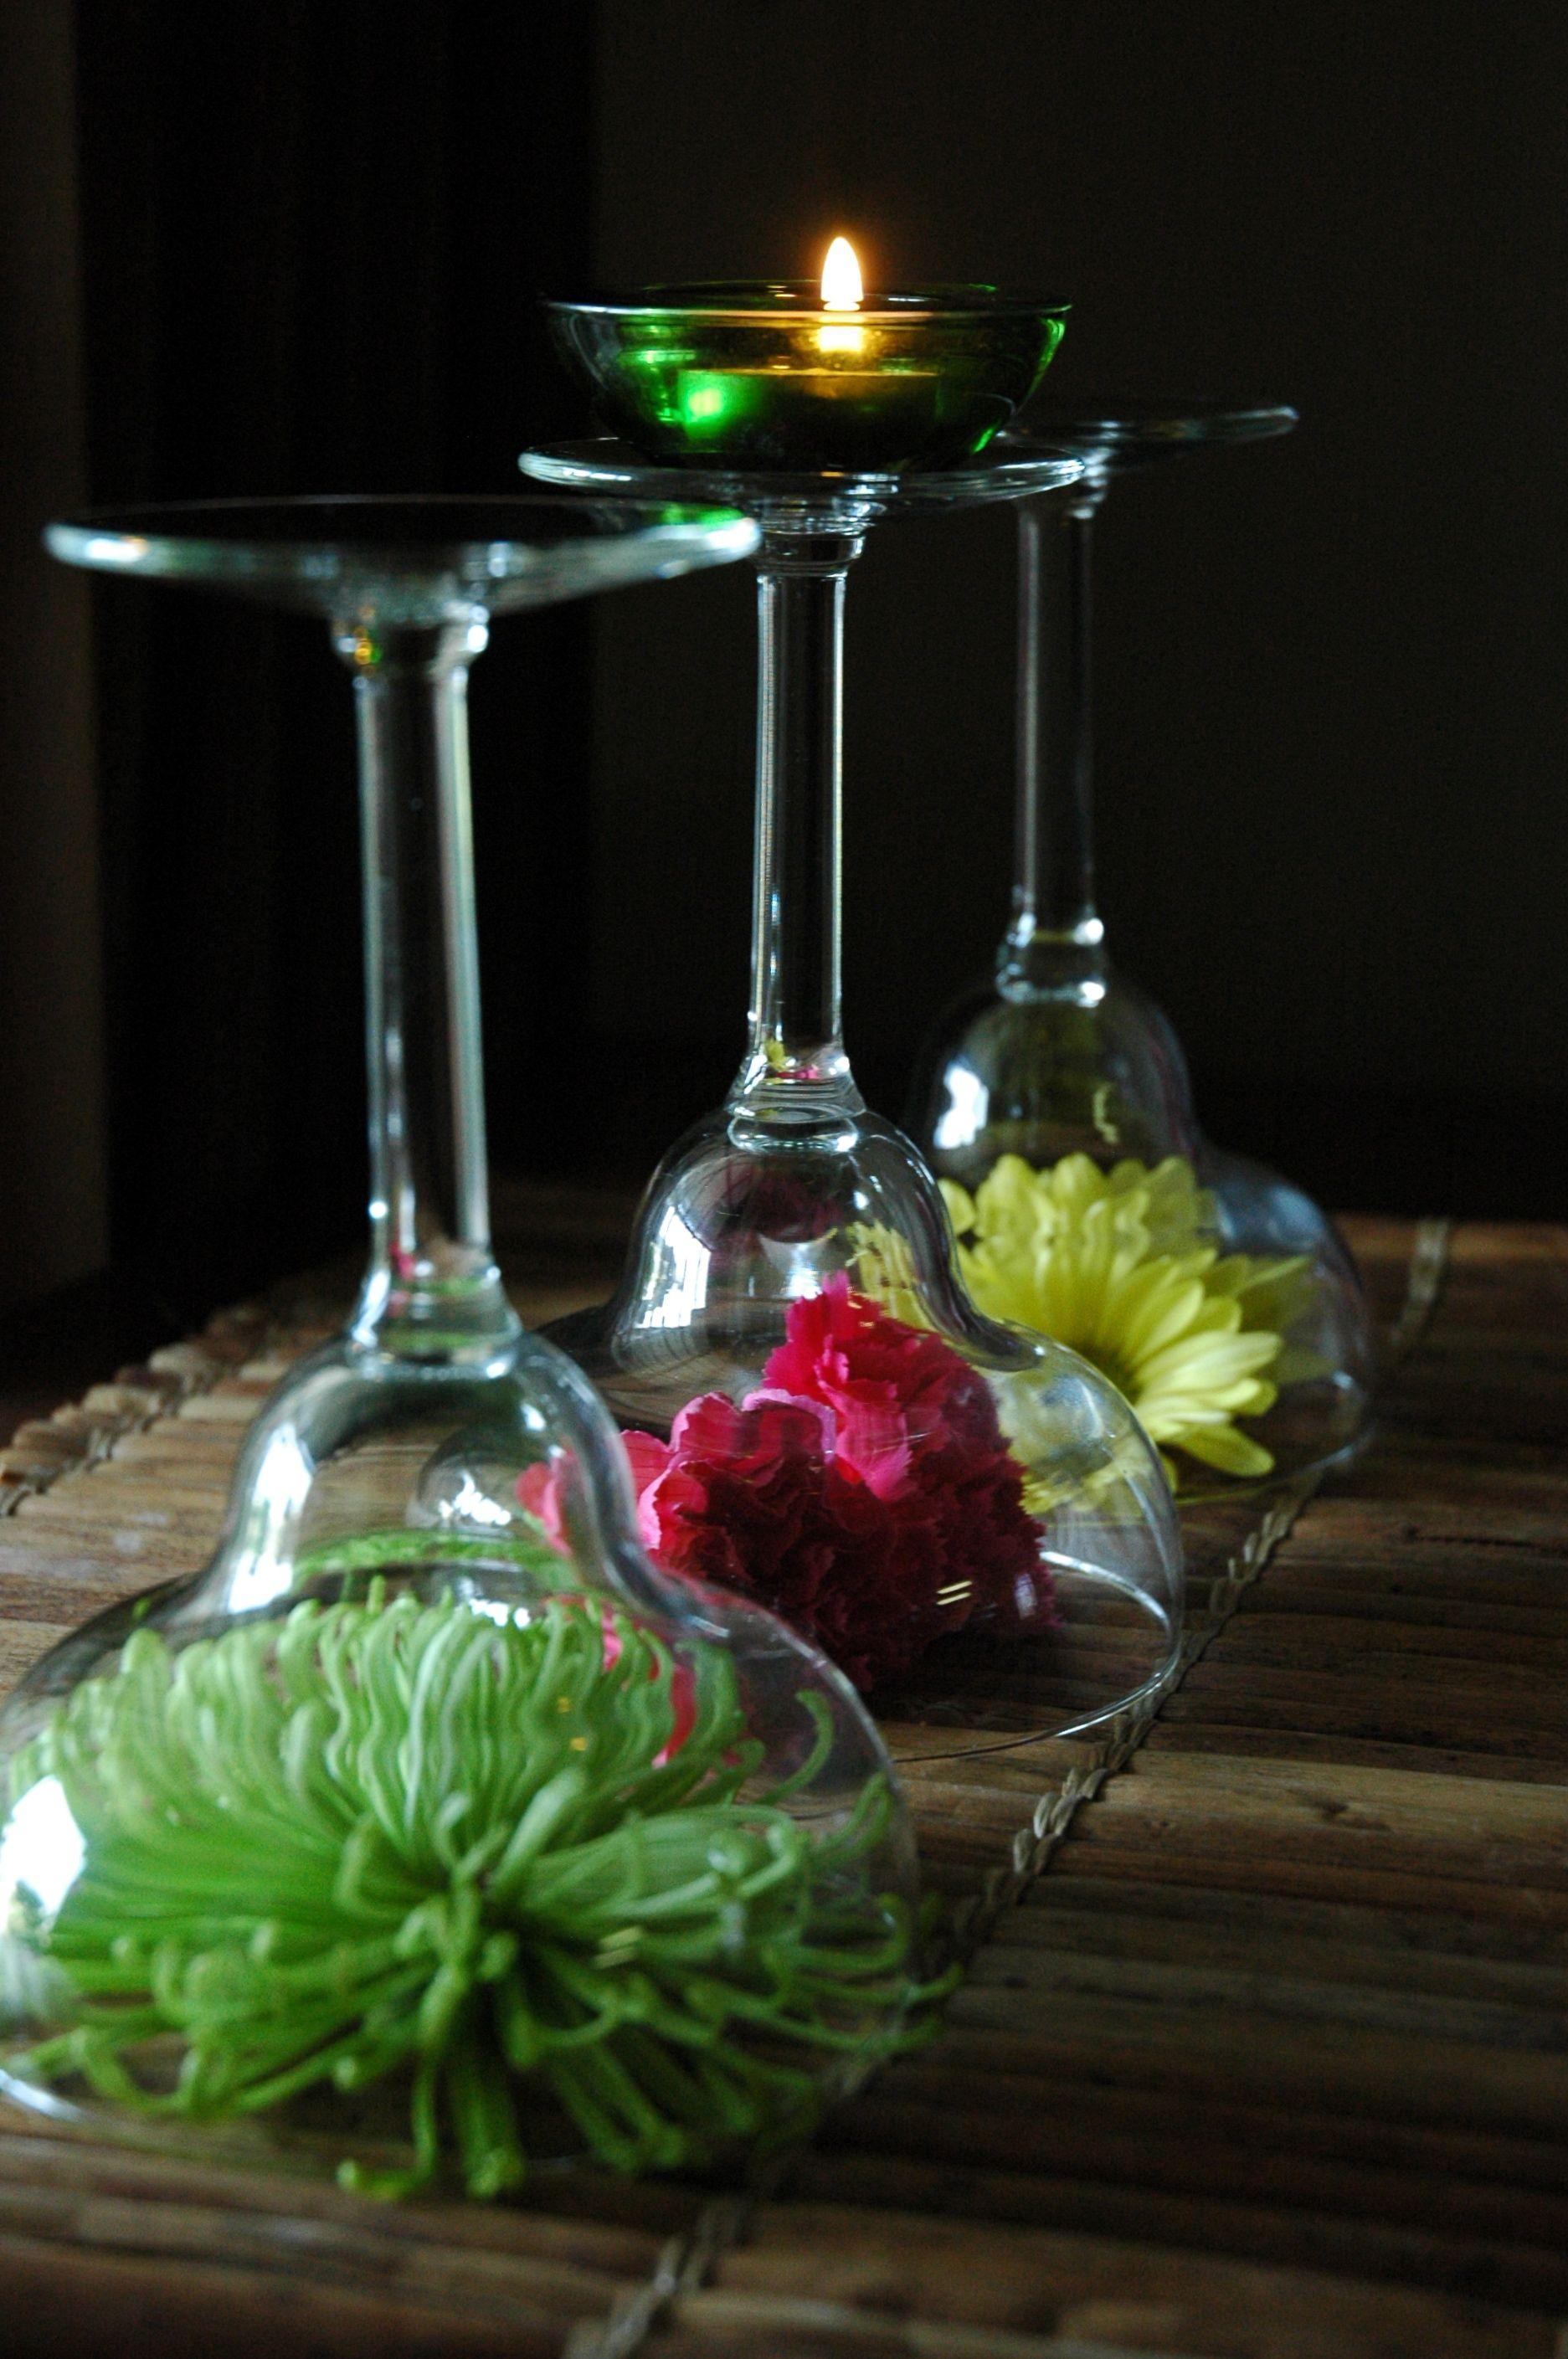 Flowers under wine glass centerpiece margarita or